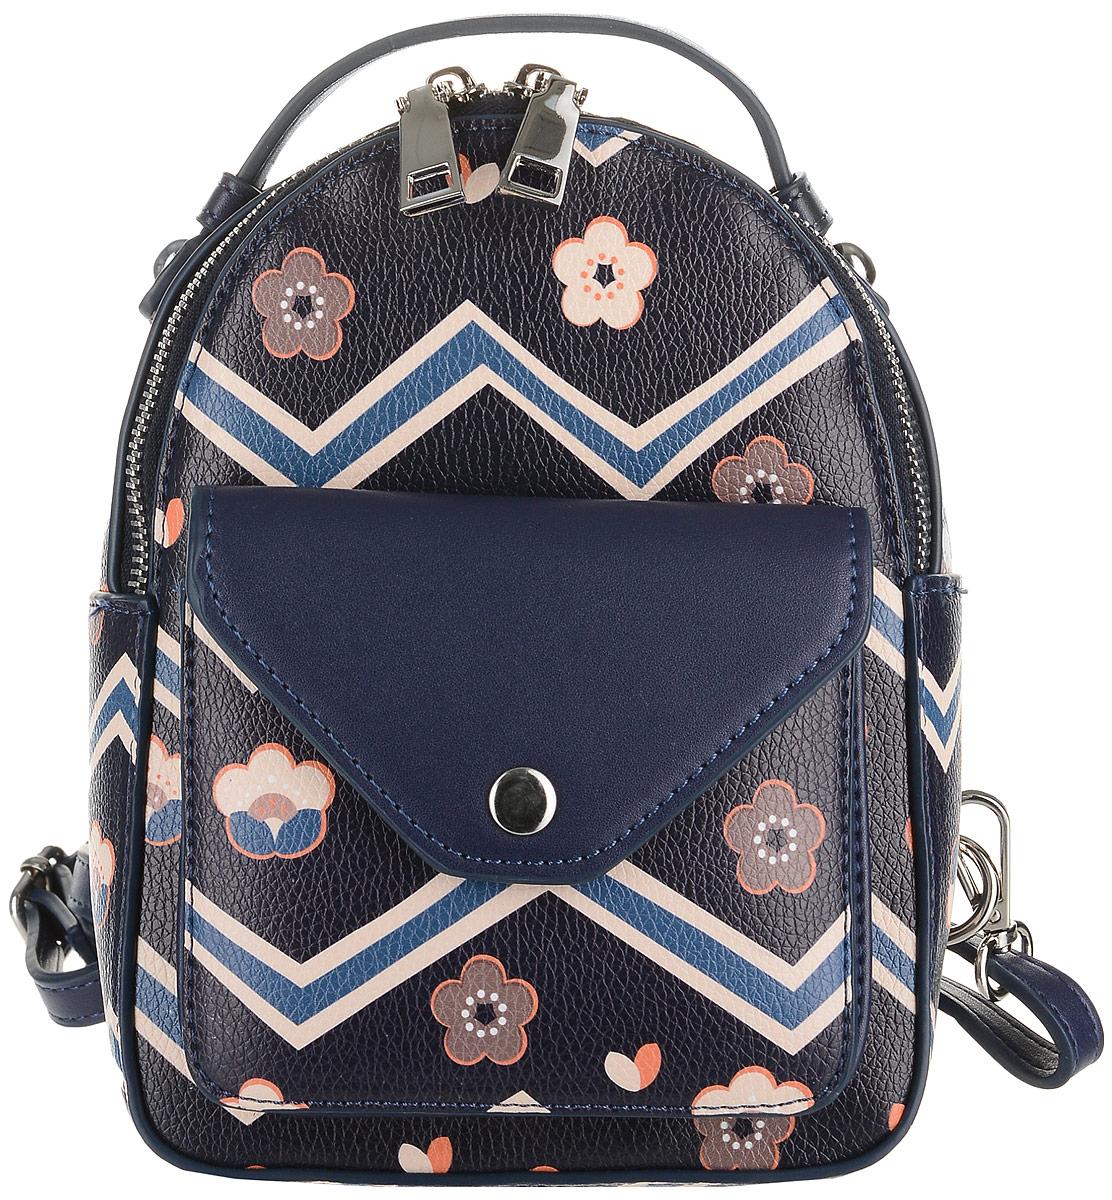 Рюкзак женский OrsOro, цвет: синий, 15 x 20 x 8 см. DS-827/1 orsoro ds 871 1 black